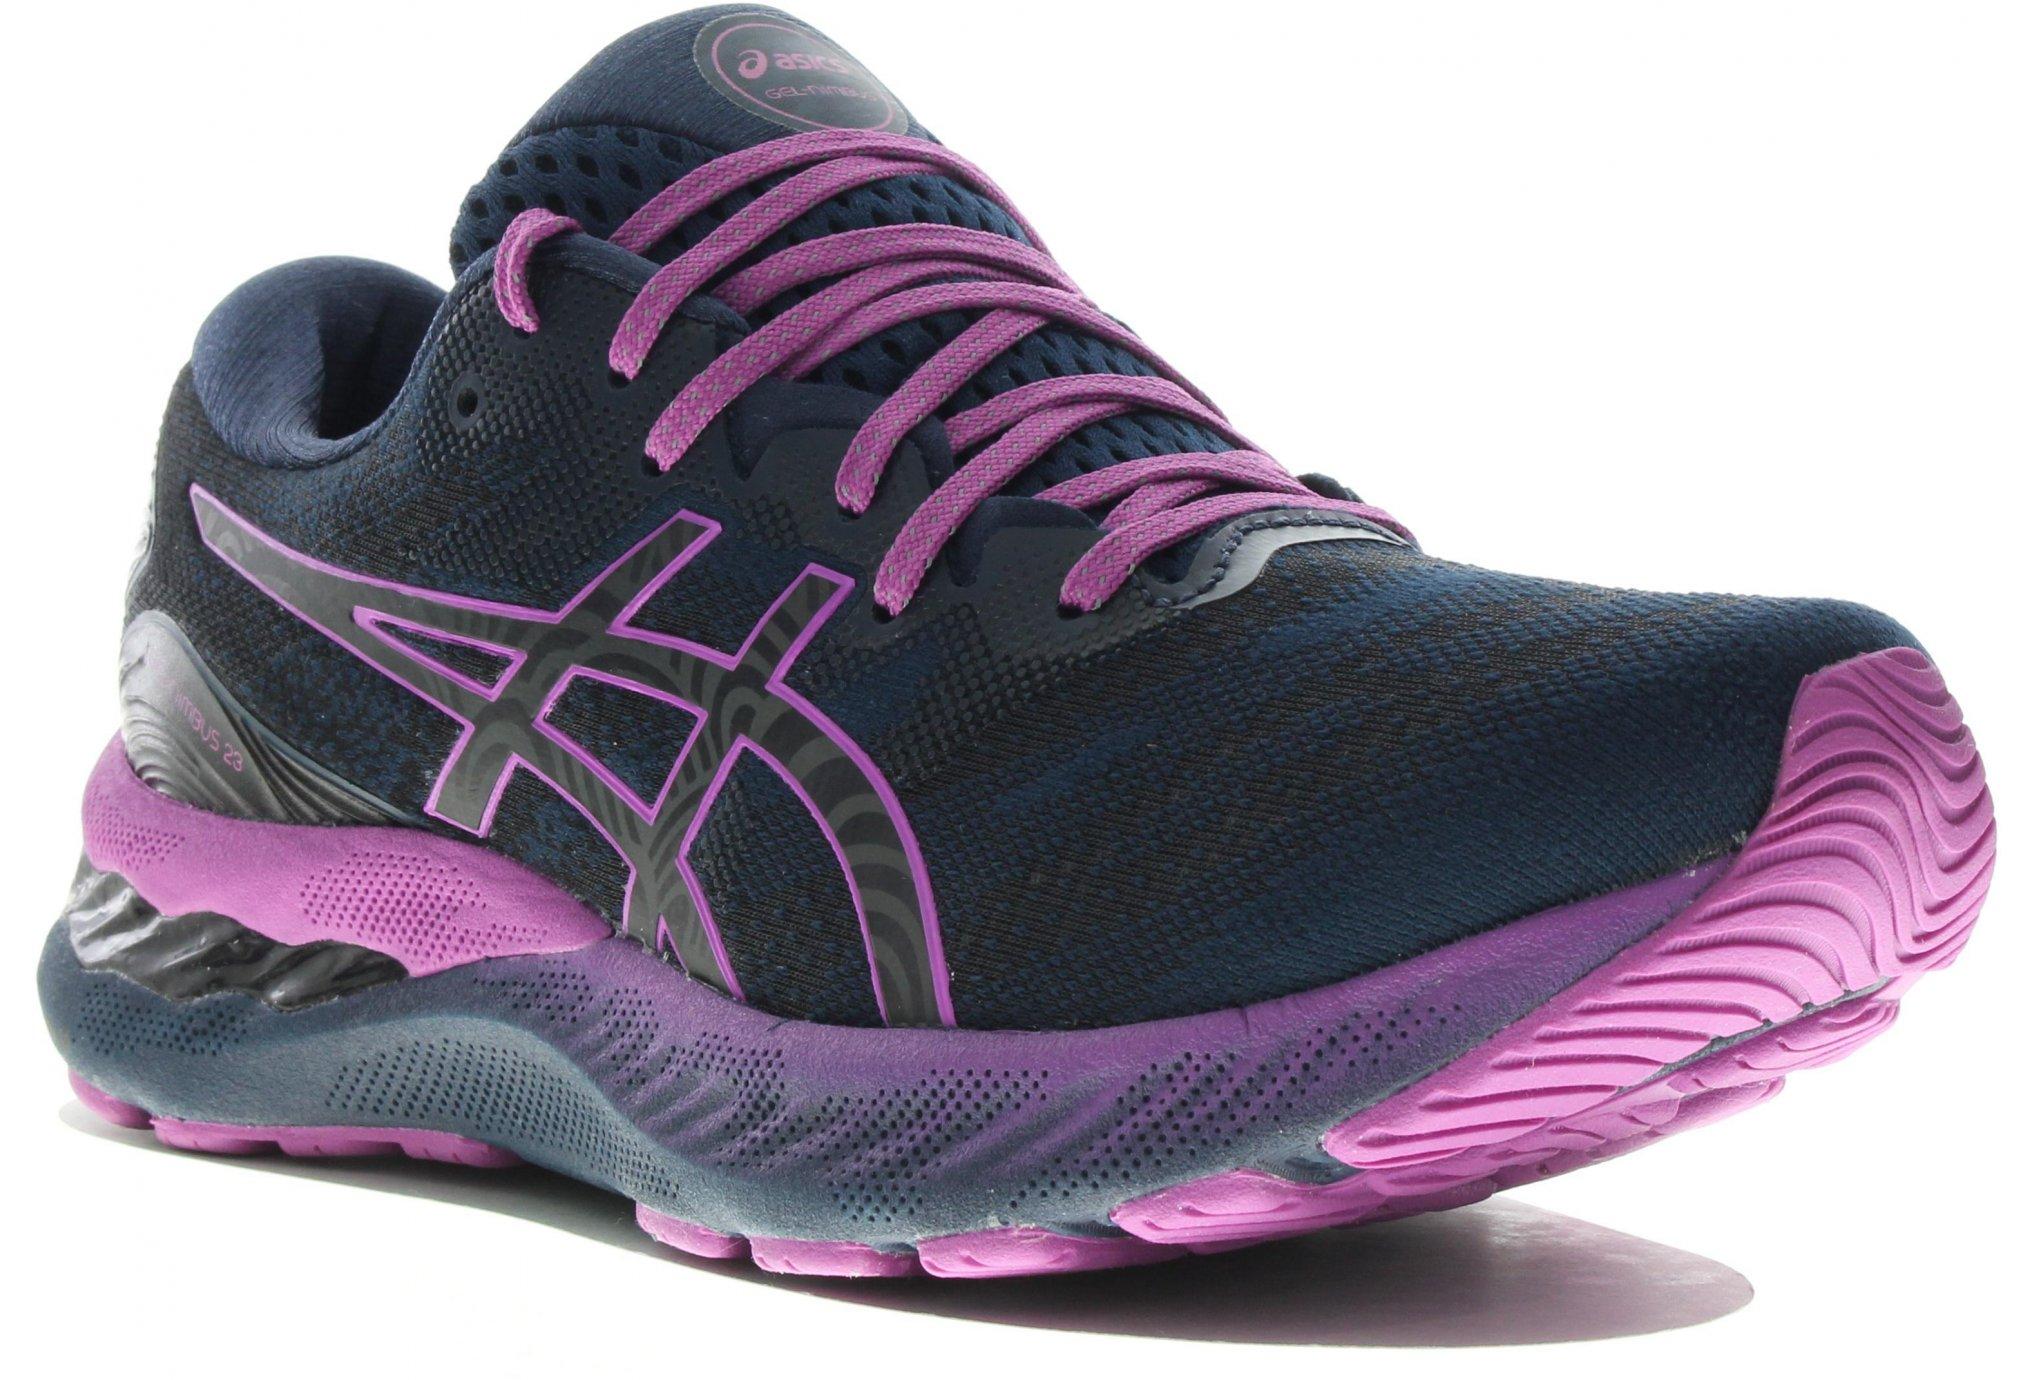 Asics Gel-Nimbus 23 Expert Chaussures running femme